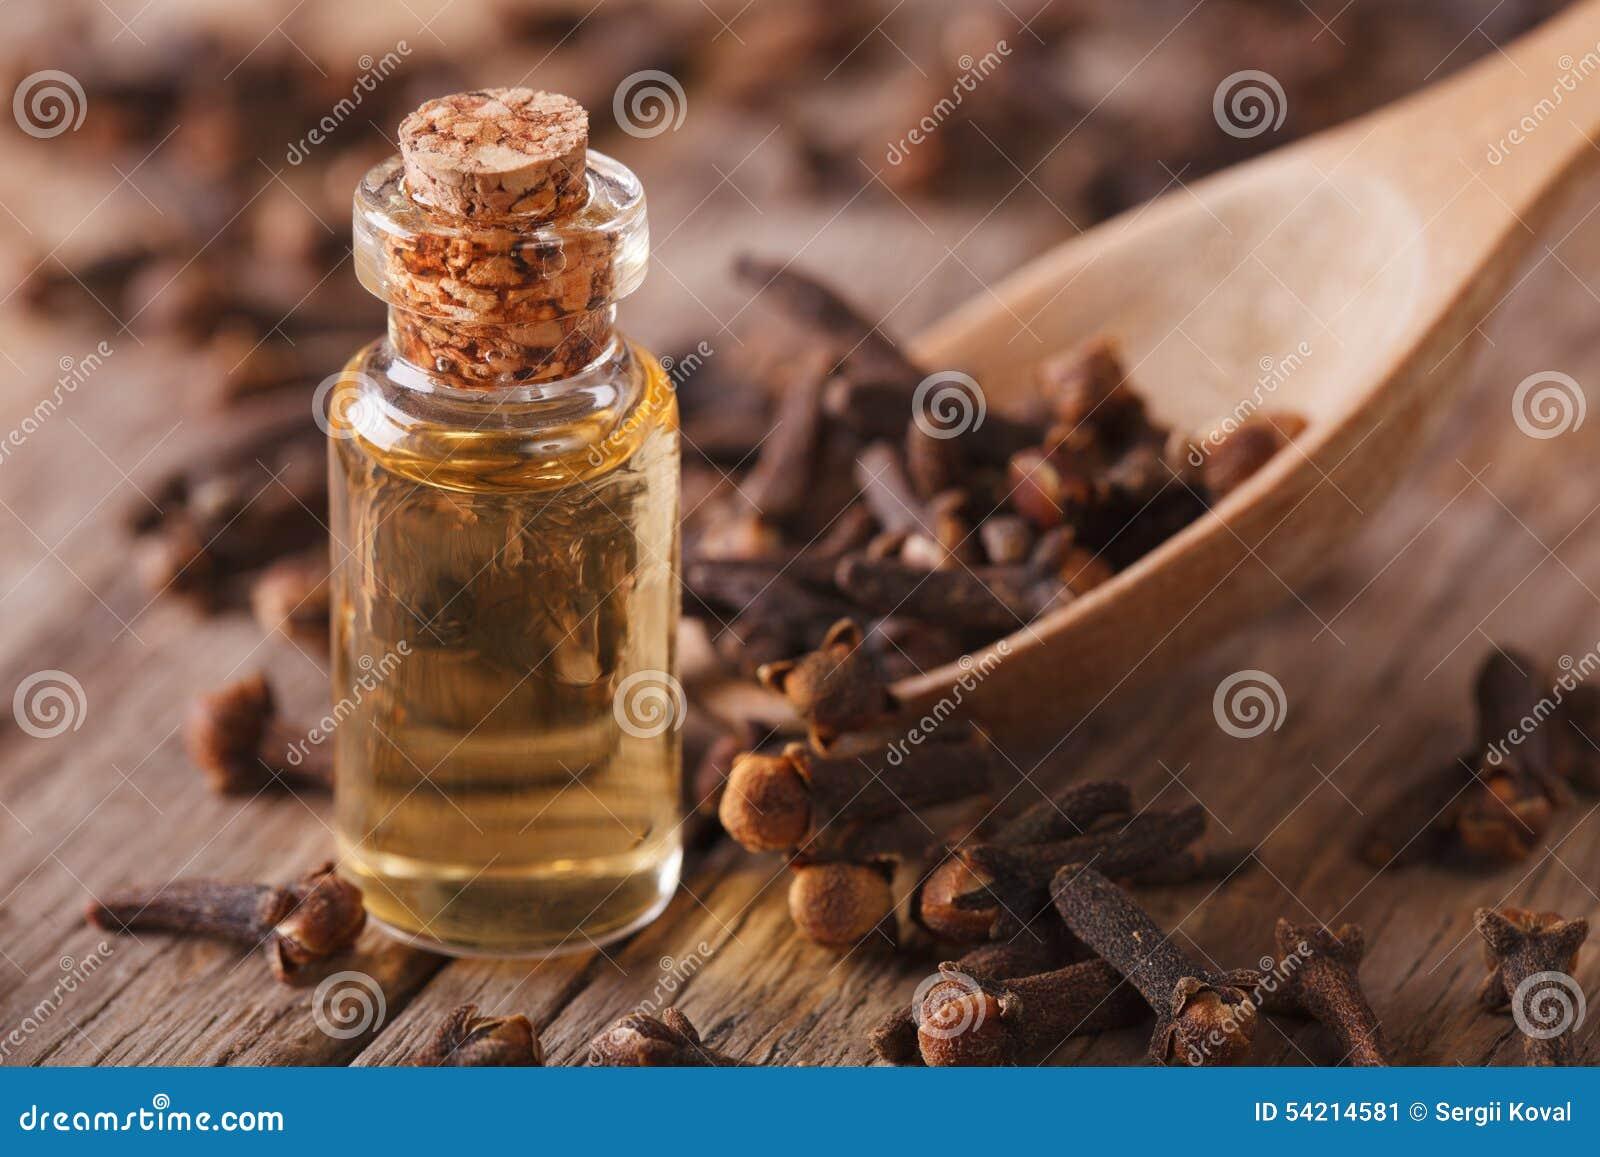 在一个瓶的图片油在桌上的特写丁香水平荠菜.玻璃镜头带图片